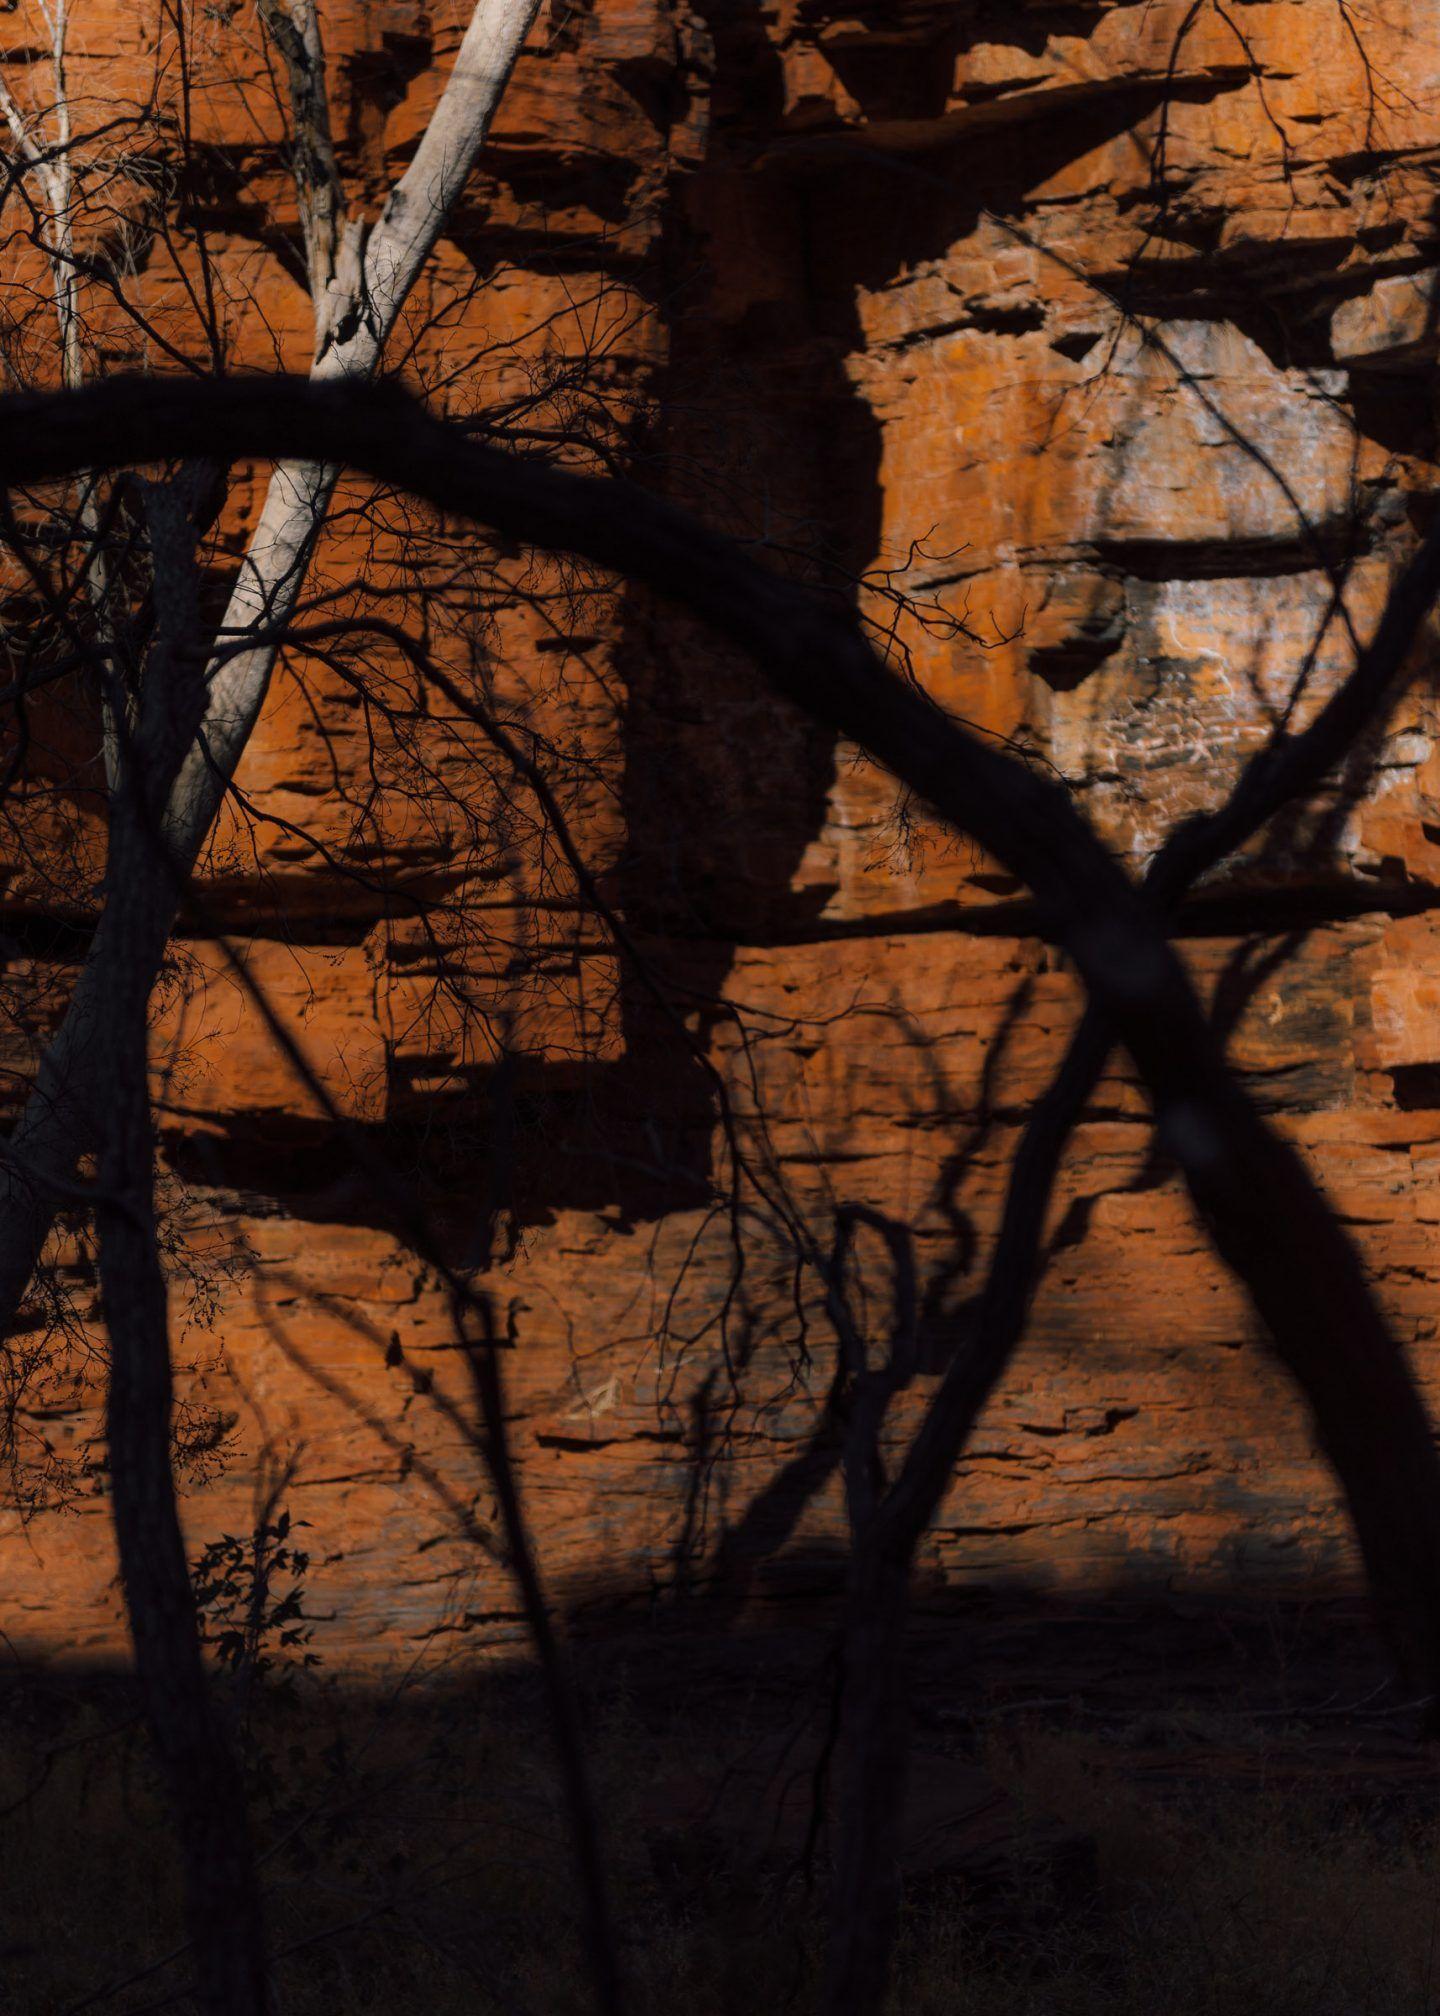 IGNANT-Photography-Daniel-Mueller-Strange-Bloke-23